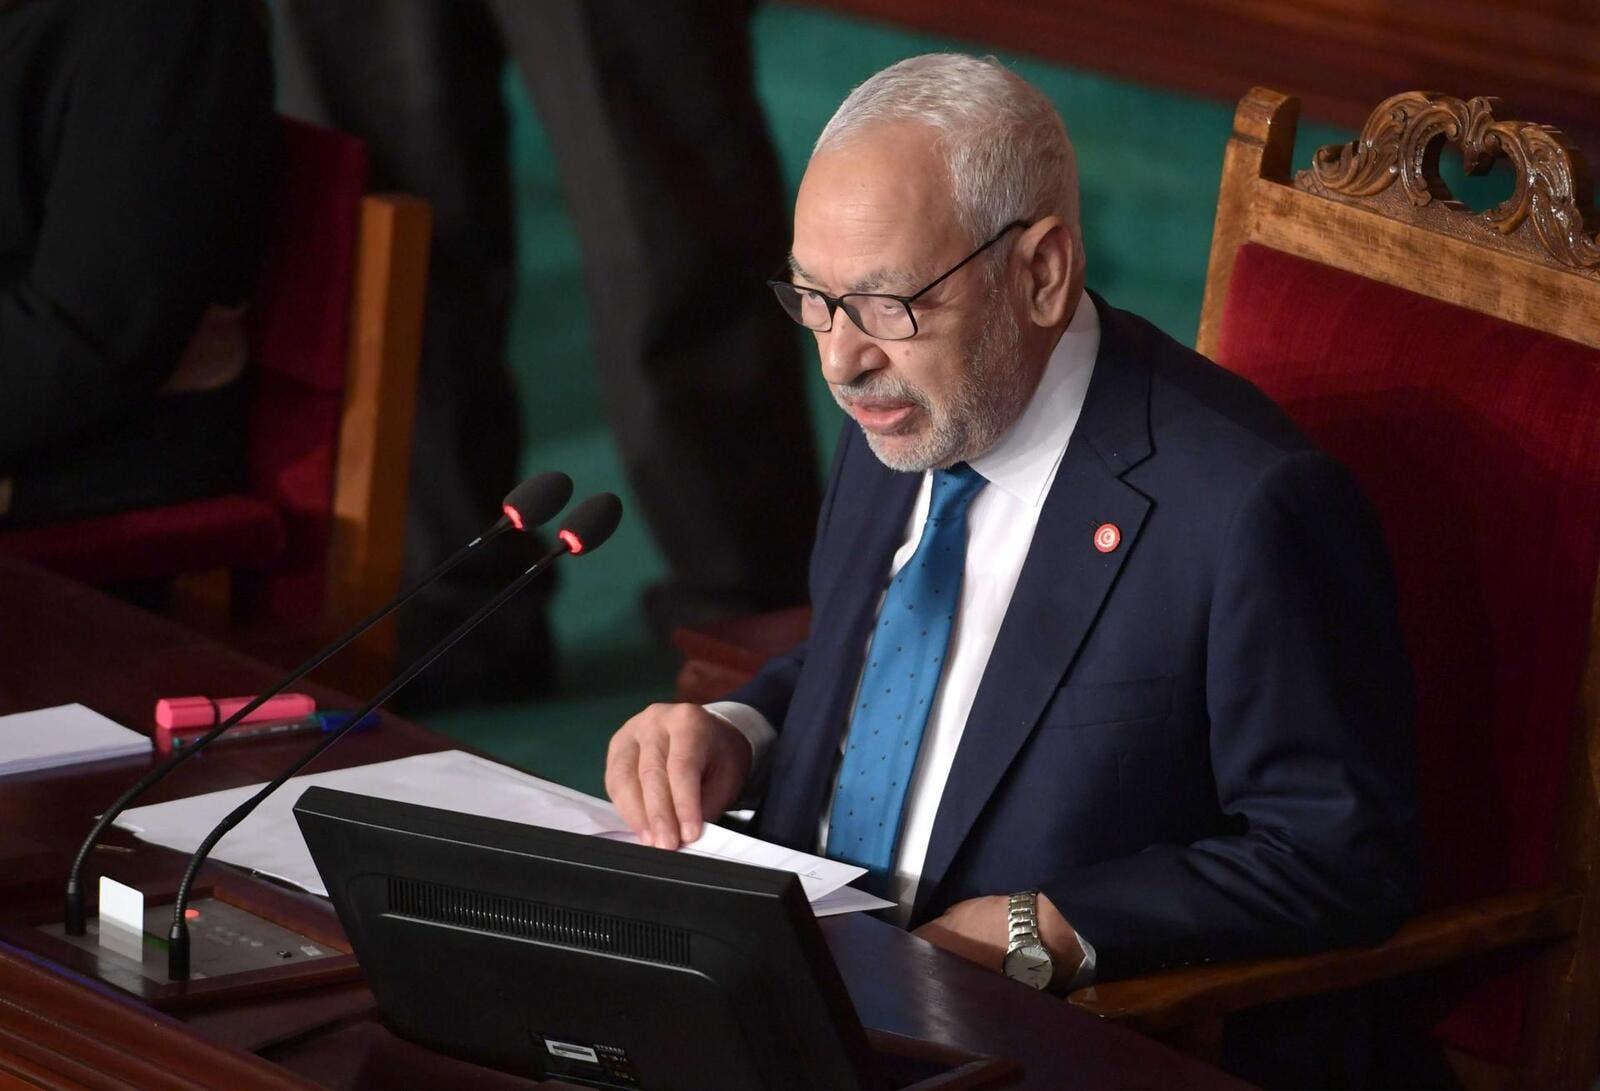 البرلمان التونسي يسأل الغنوشي عن علاقته مع تركيا